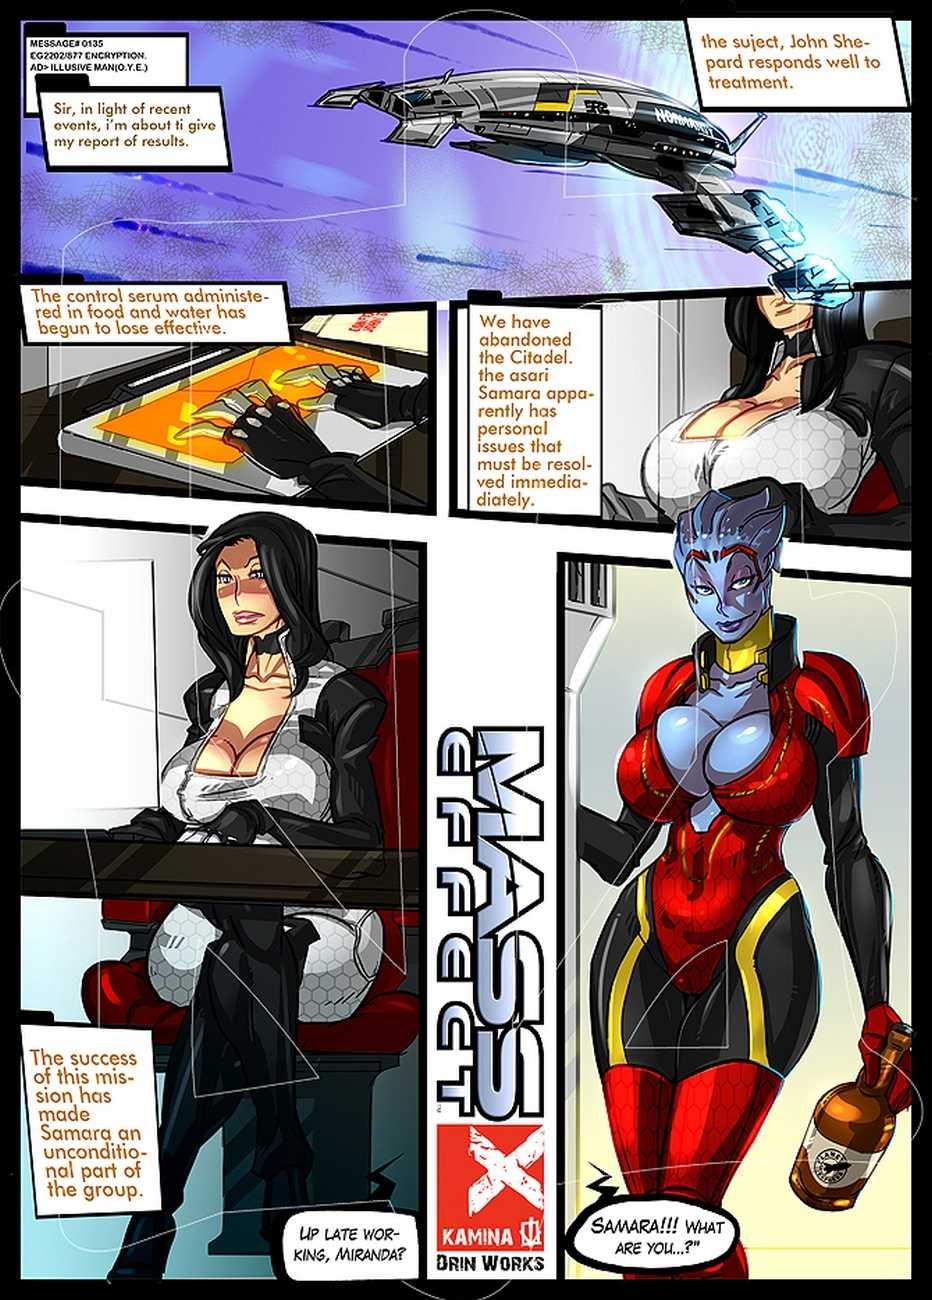 Mass_Effect_1 comix_156284.jpg